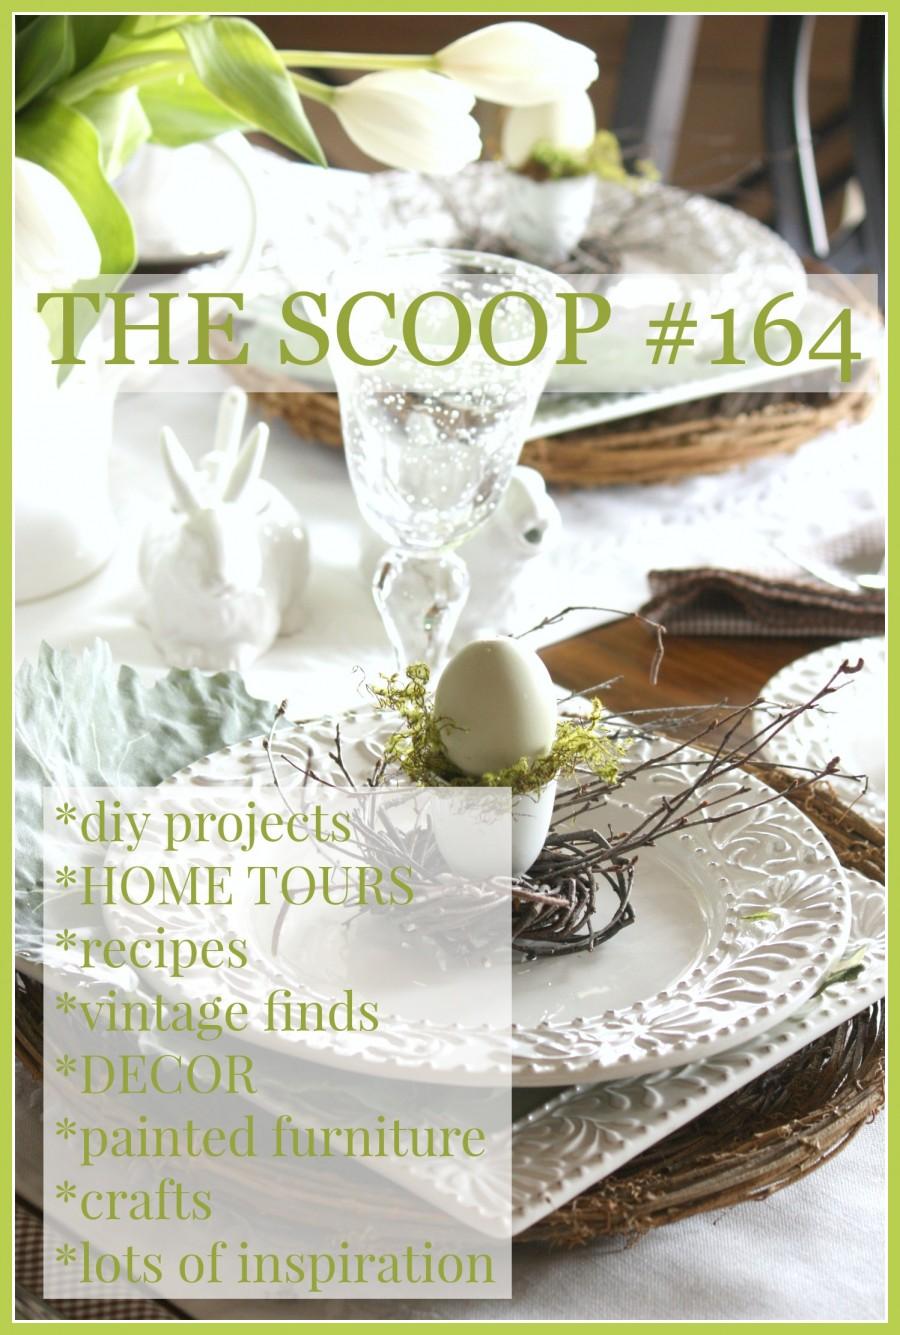 THE SCOOP #164